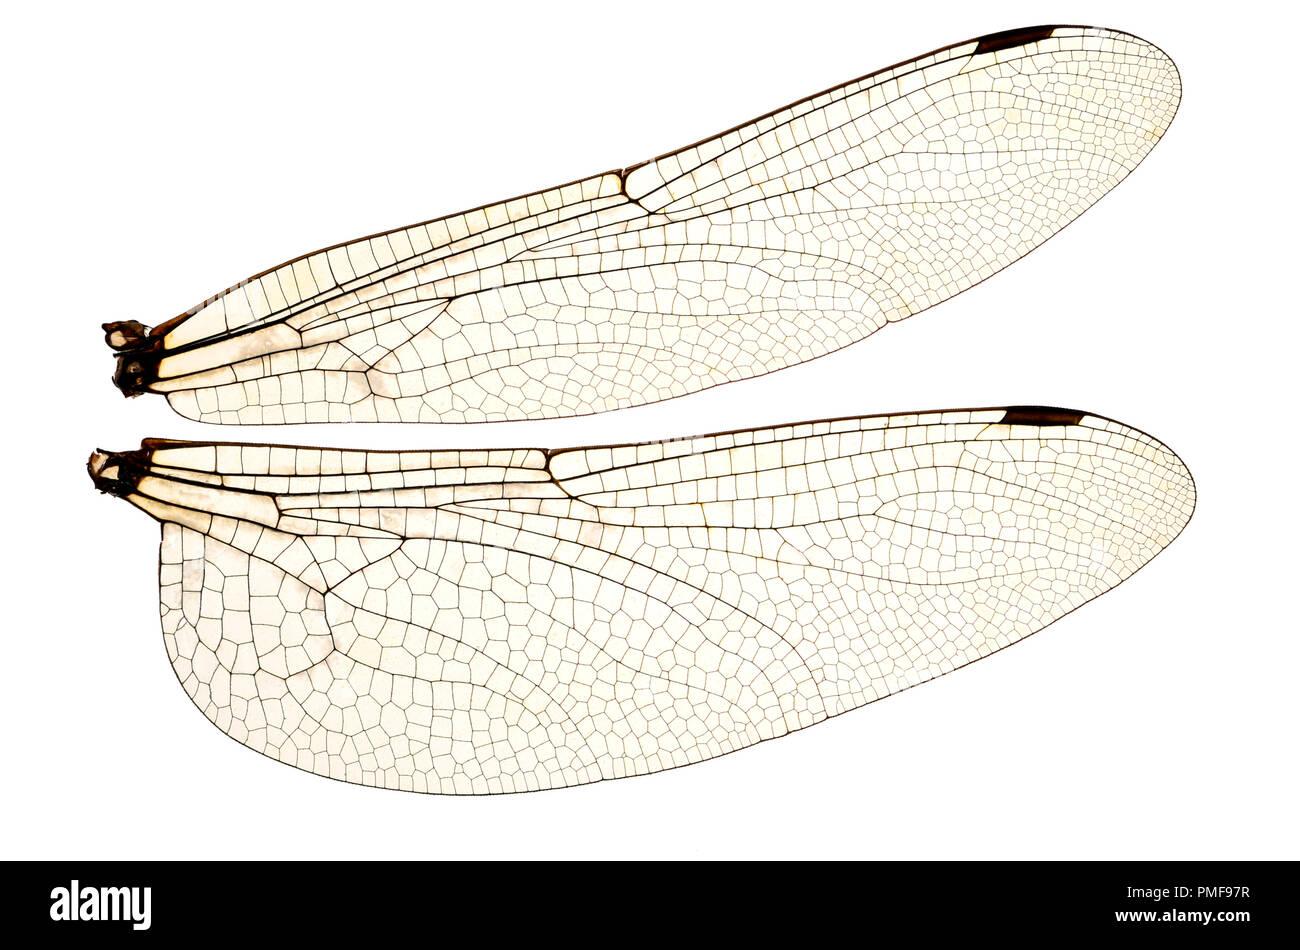 Flügel der Gemeinsamen Darter Dragonfly (Sympetrum striolatum) von einem toten Muster. Übersicht Venen und transparente Zellen Stockbild